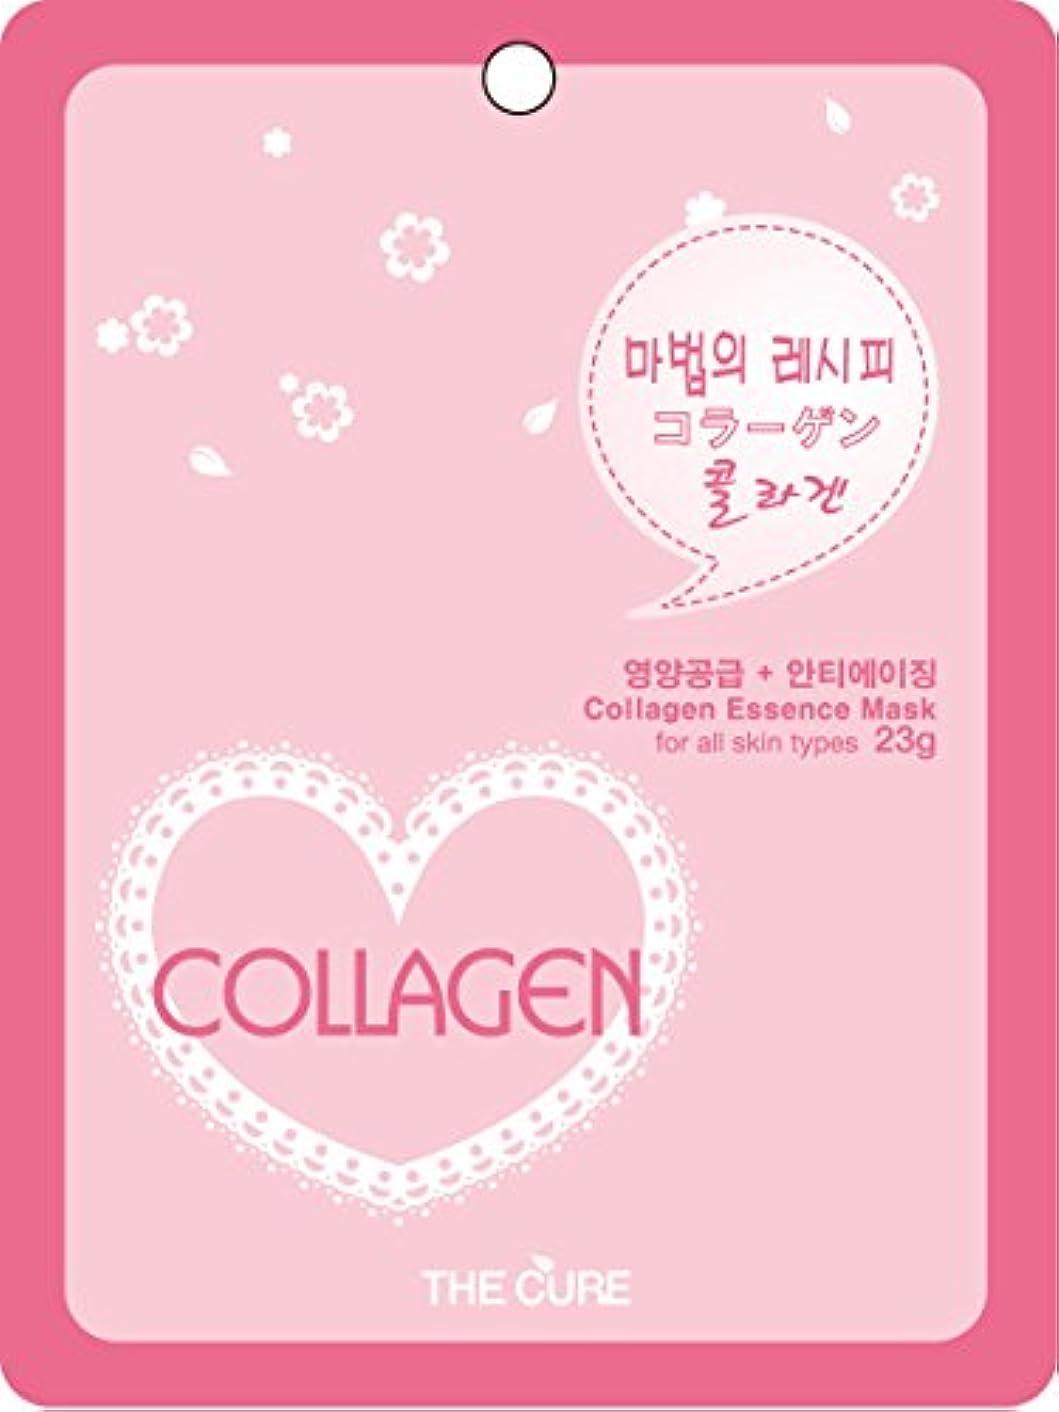 累積咳反射コラーゲン エッセンス マスク THE CURE シート パック 100枚セット 韓国 コスメ 乾燥肌 オイリー肌 混合肌